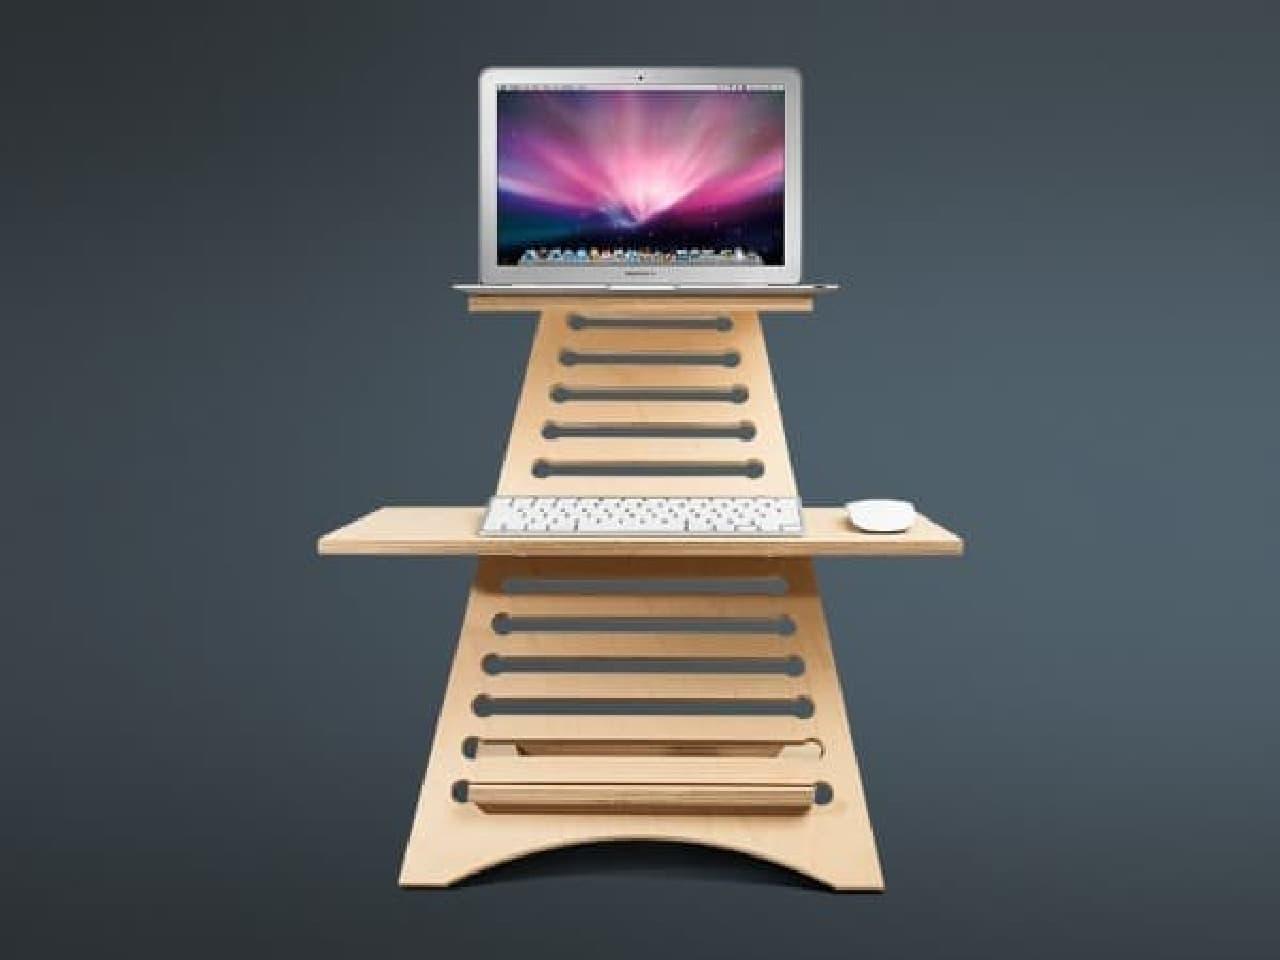 既存の机に置いて使用するスタンディングデスク「Elevate」